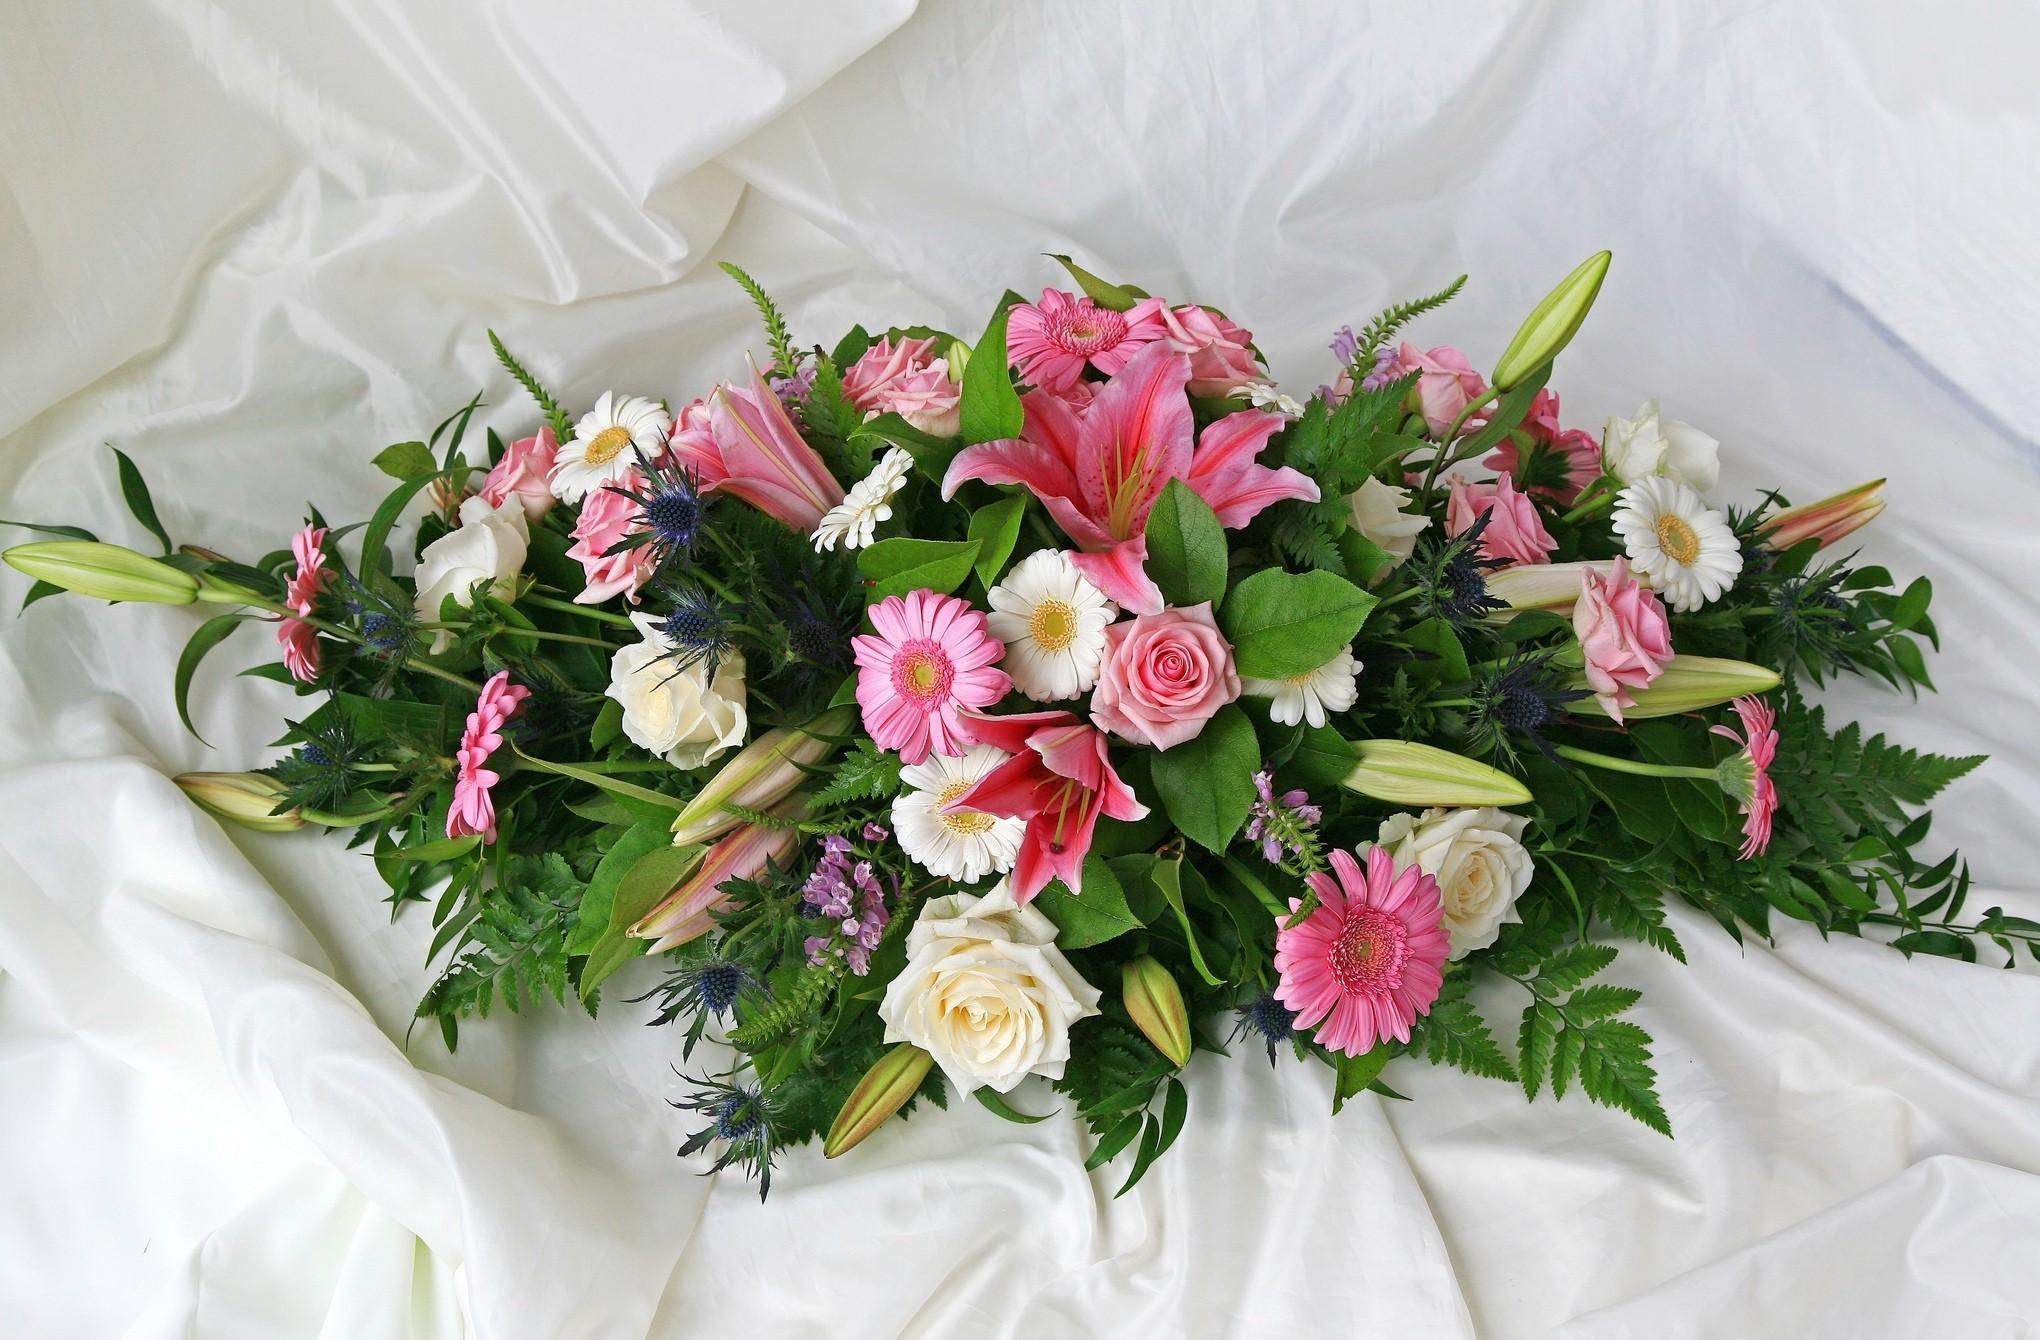 54881 télécharger le fond d'écran Fleurs, Lilies, Légumes Verts, Verdure, Composition, Le Tissu, Tissu, Roses, Gerberas - économiseurs d'écran et images gratuitement